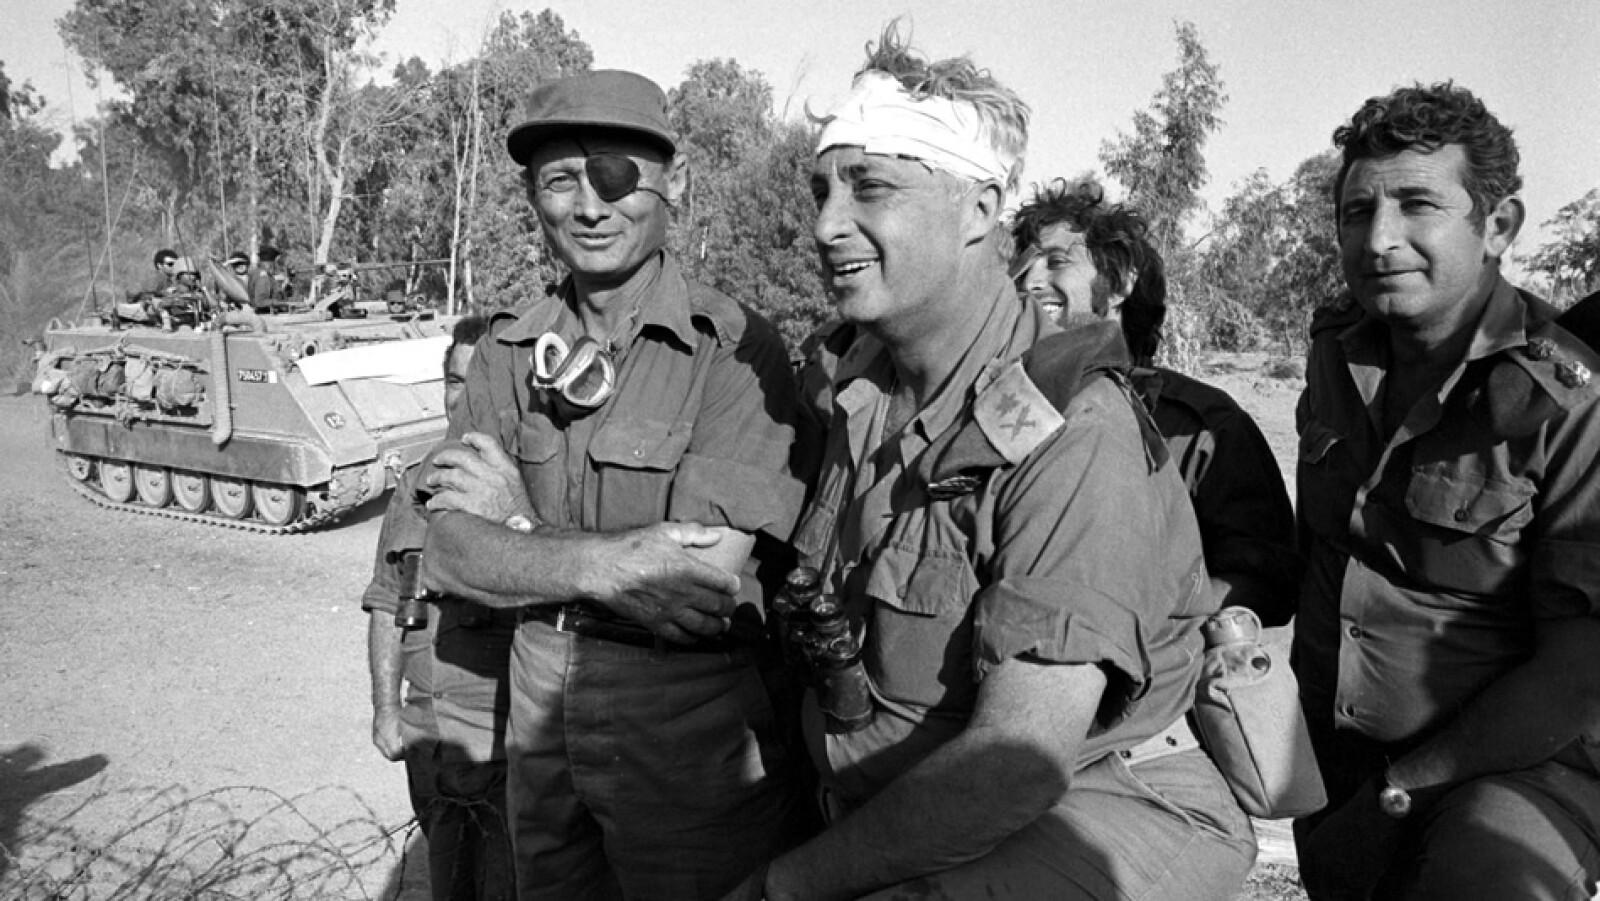 sharon con una venda en la cabeza durante la guerra de yom kipur